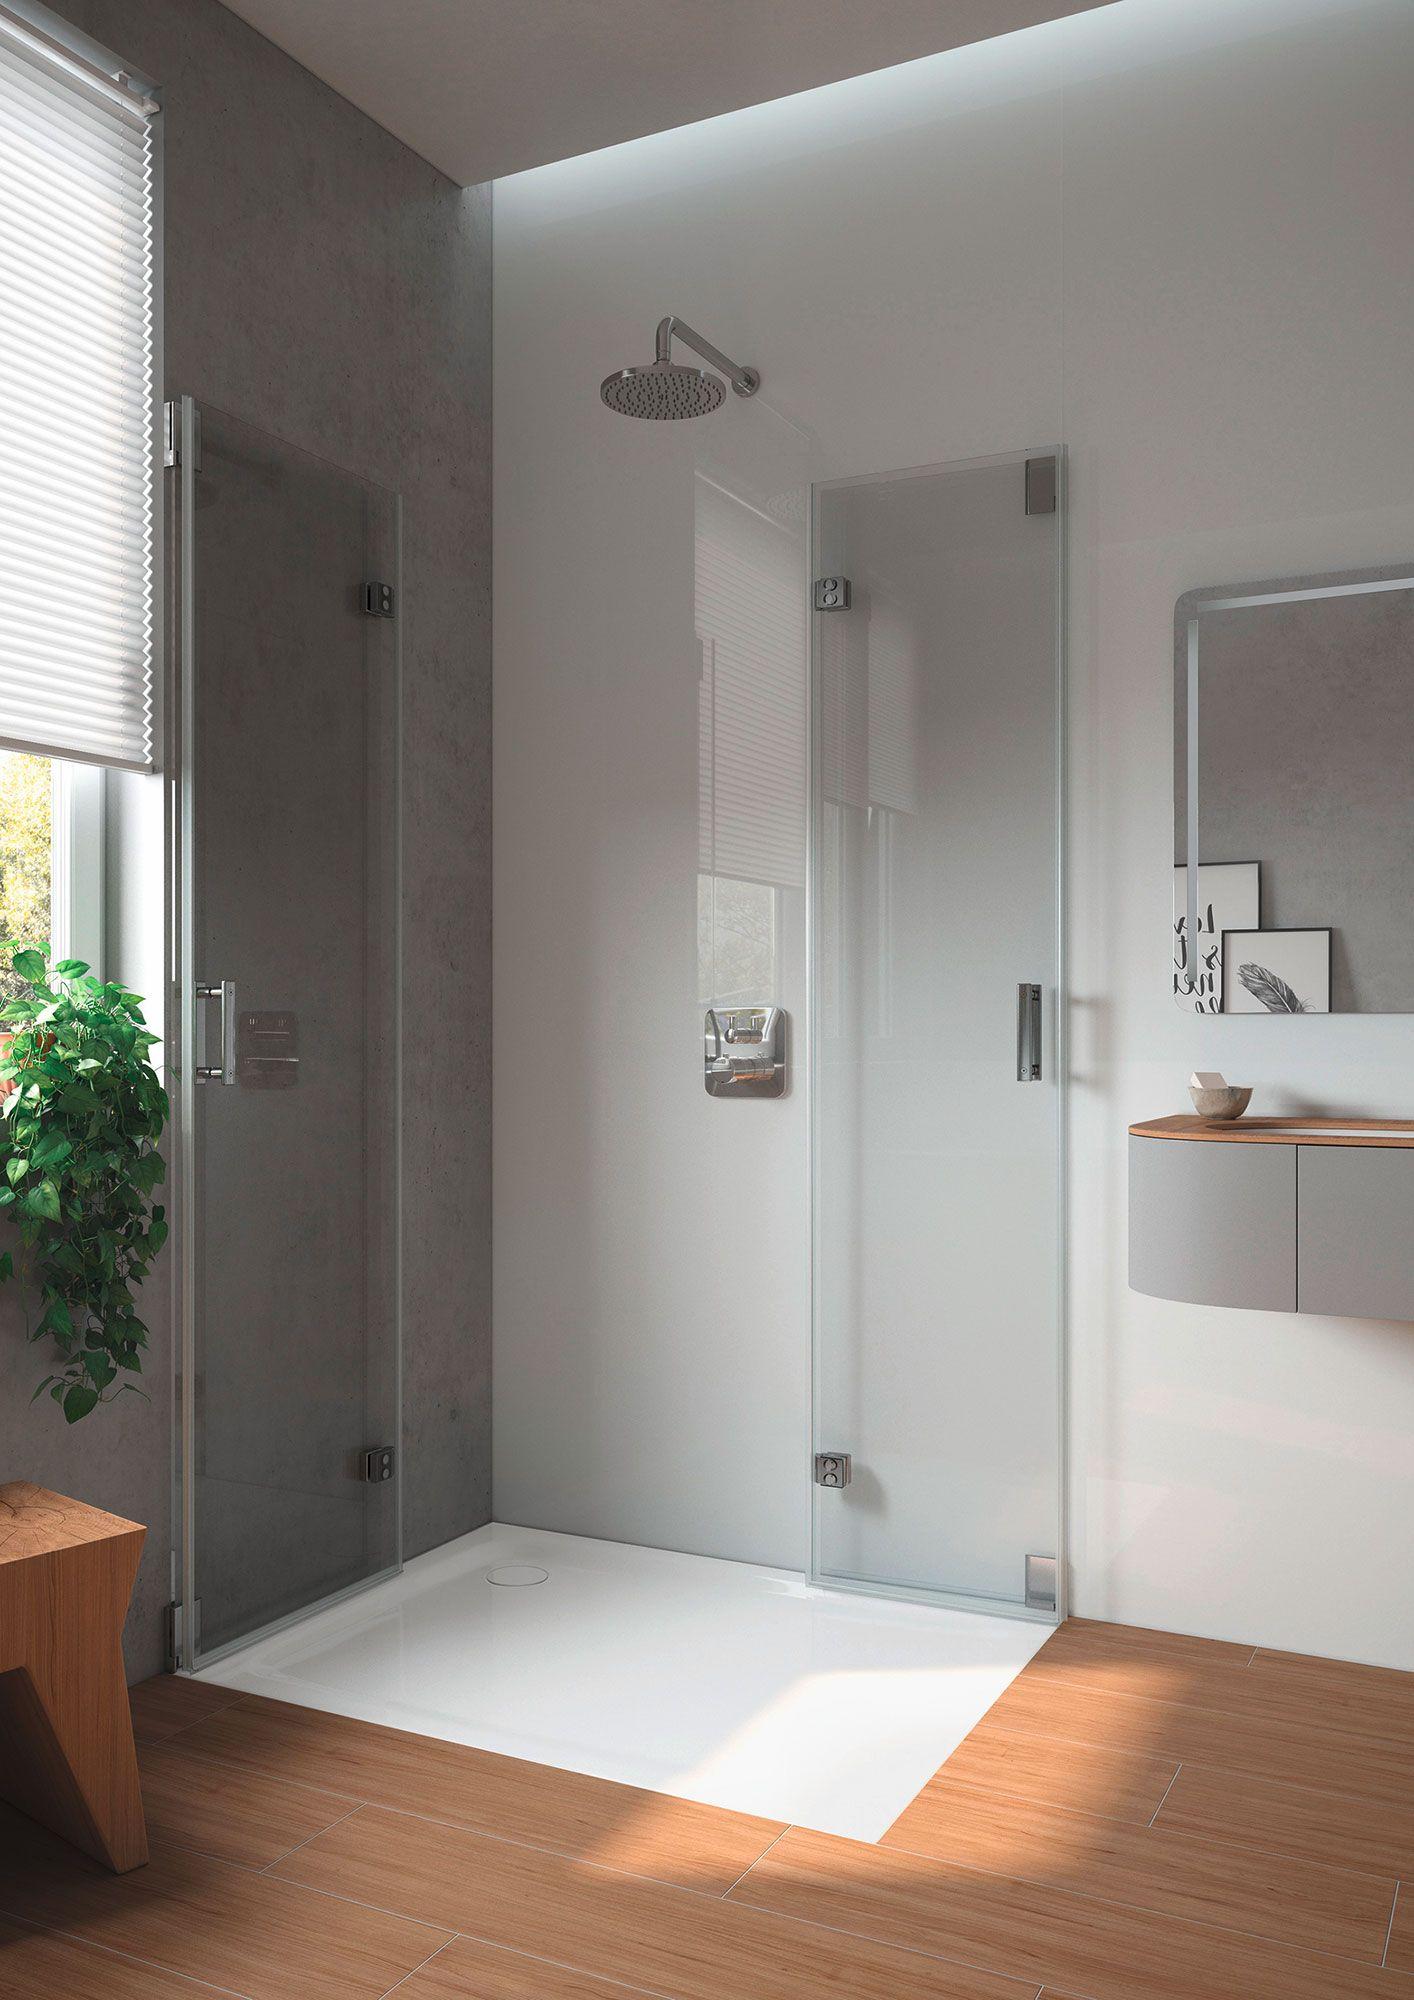 15 Fragen Und Antworten Zur Abdichtung Von Innenraumen Badezimmer Klein Kleine Badezimmer Design Kleines Bad Badewanne